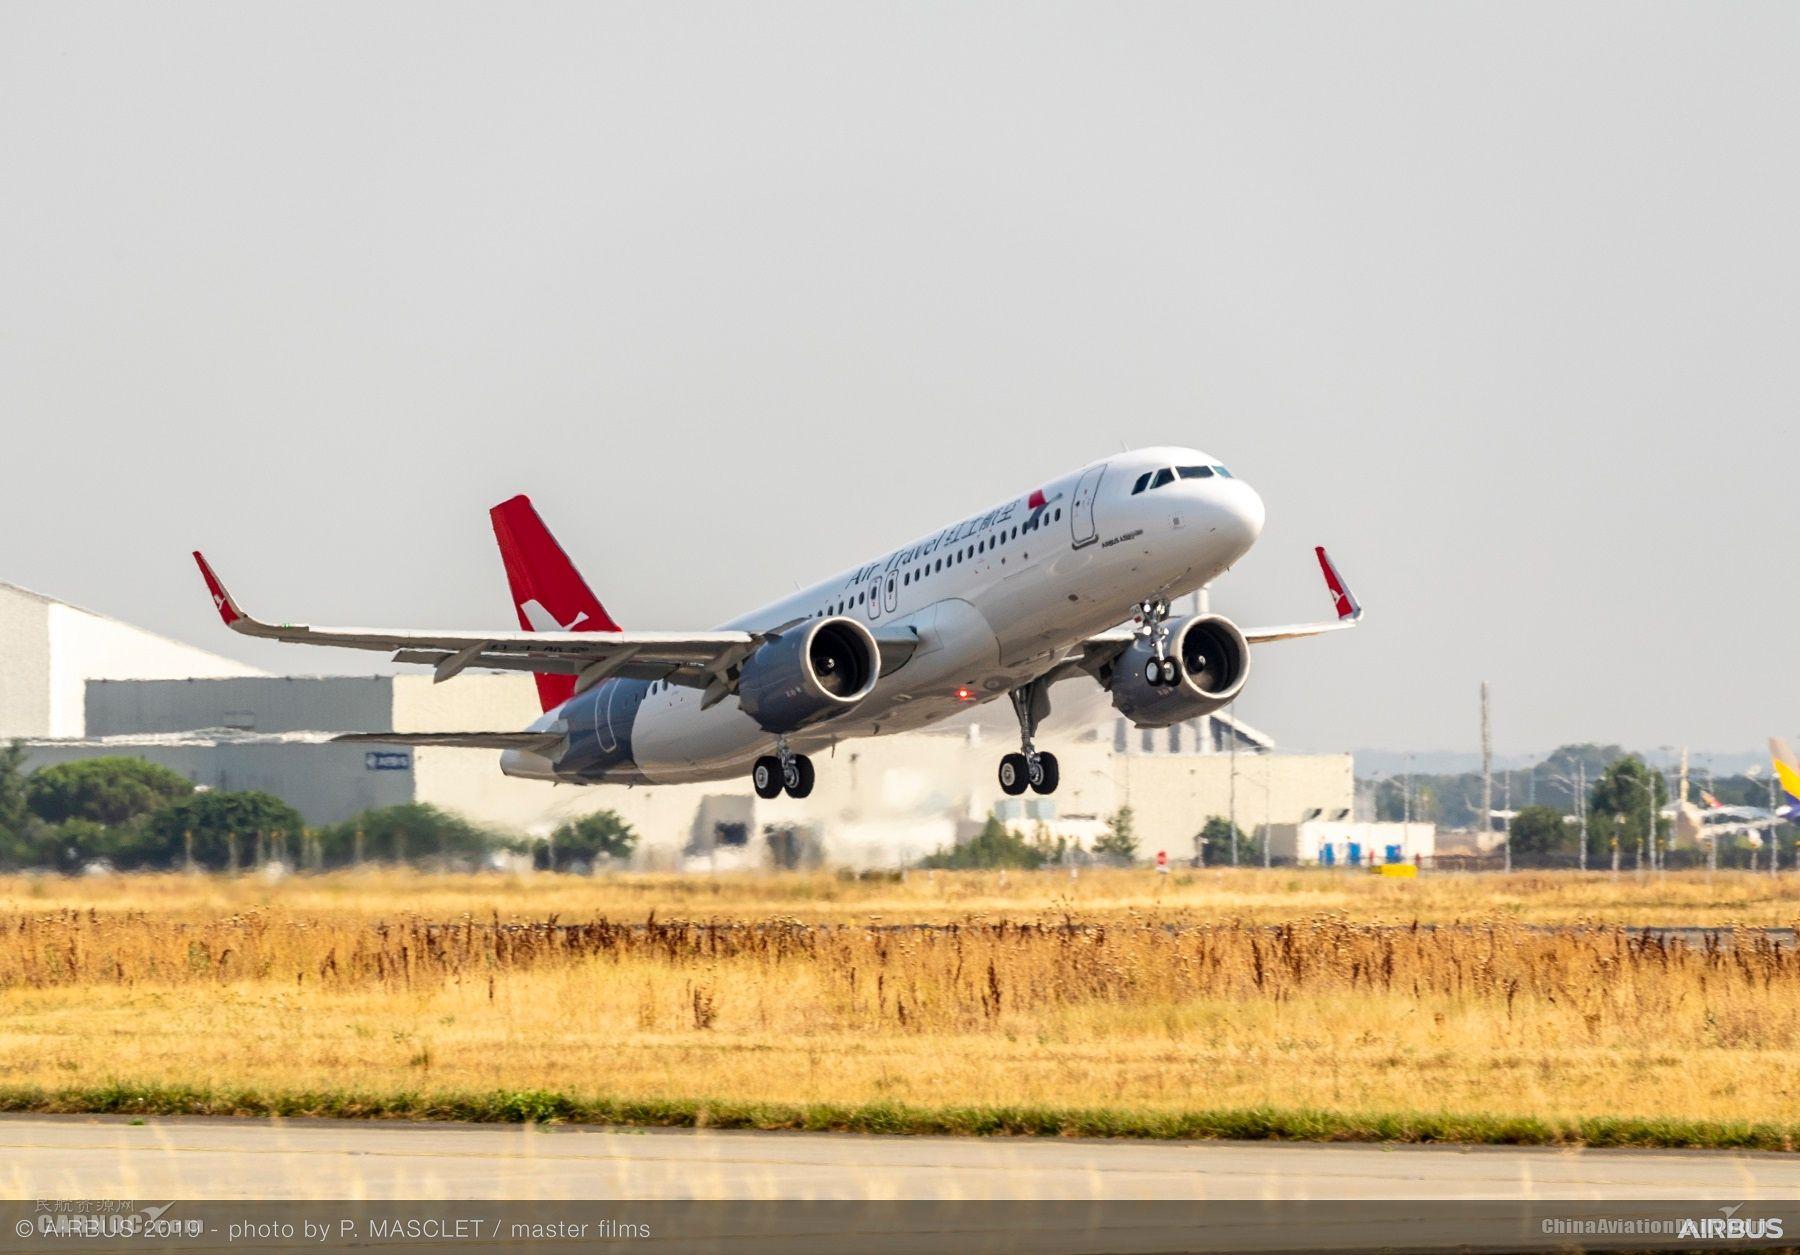 云南红土航空公司接收其首架空客A320neo飞机